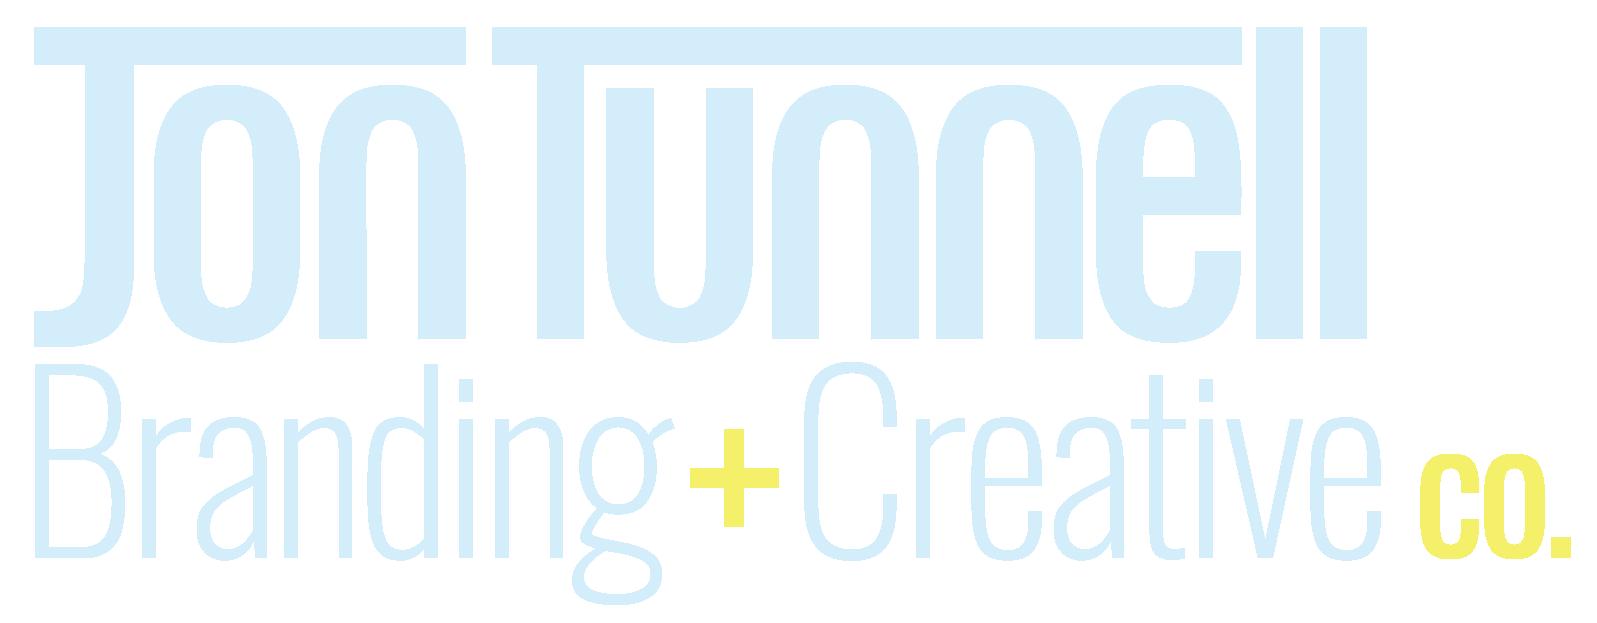 Header-Logo-06-06.png